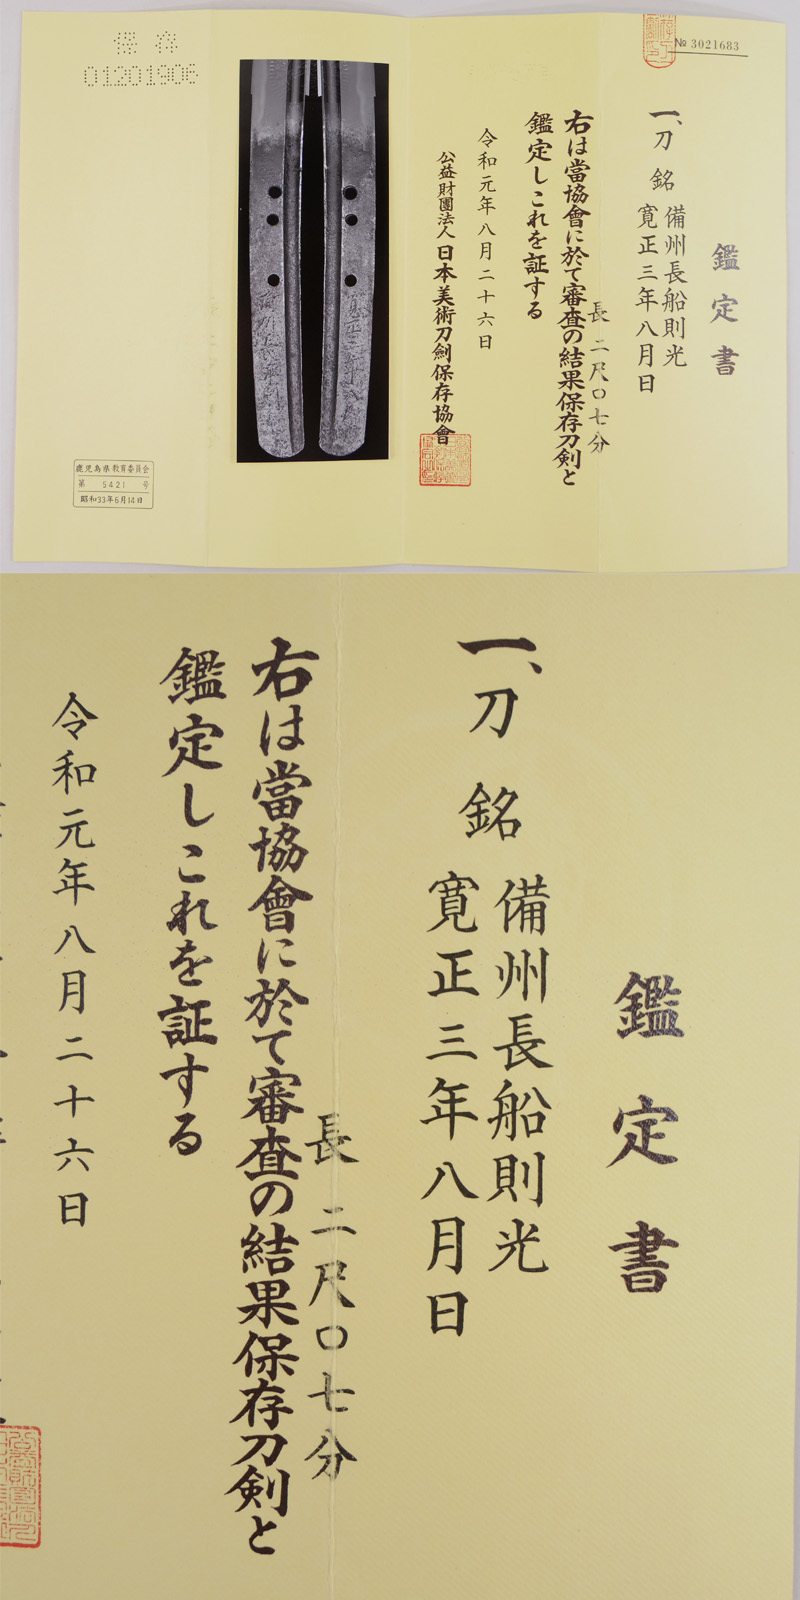 刀 備州長船則光 (寛正則光) 寛正三年八月日 Picture of Certificate